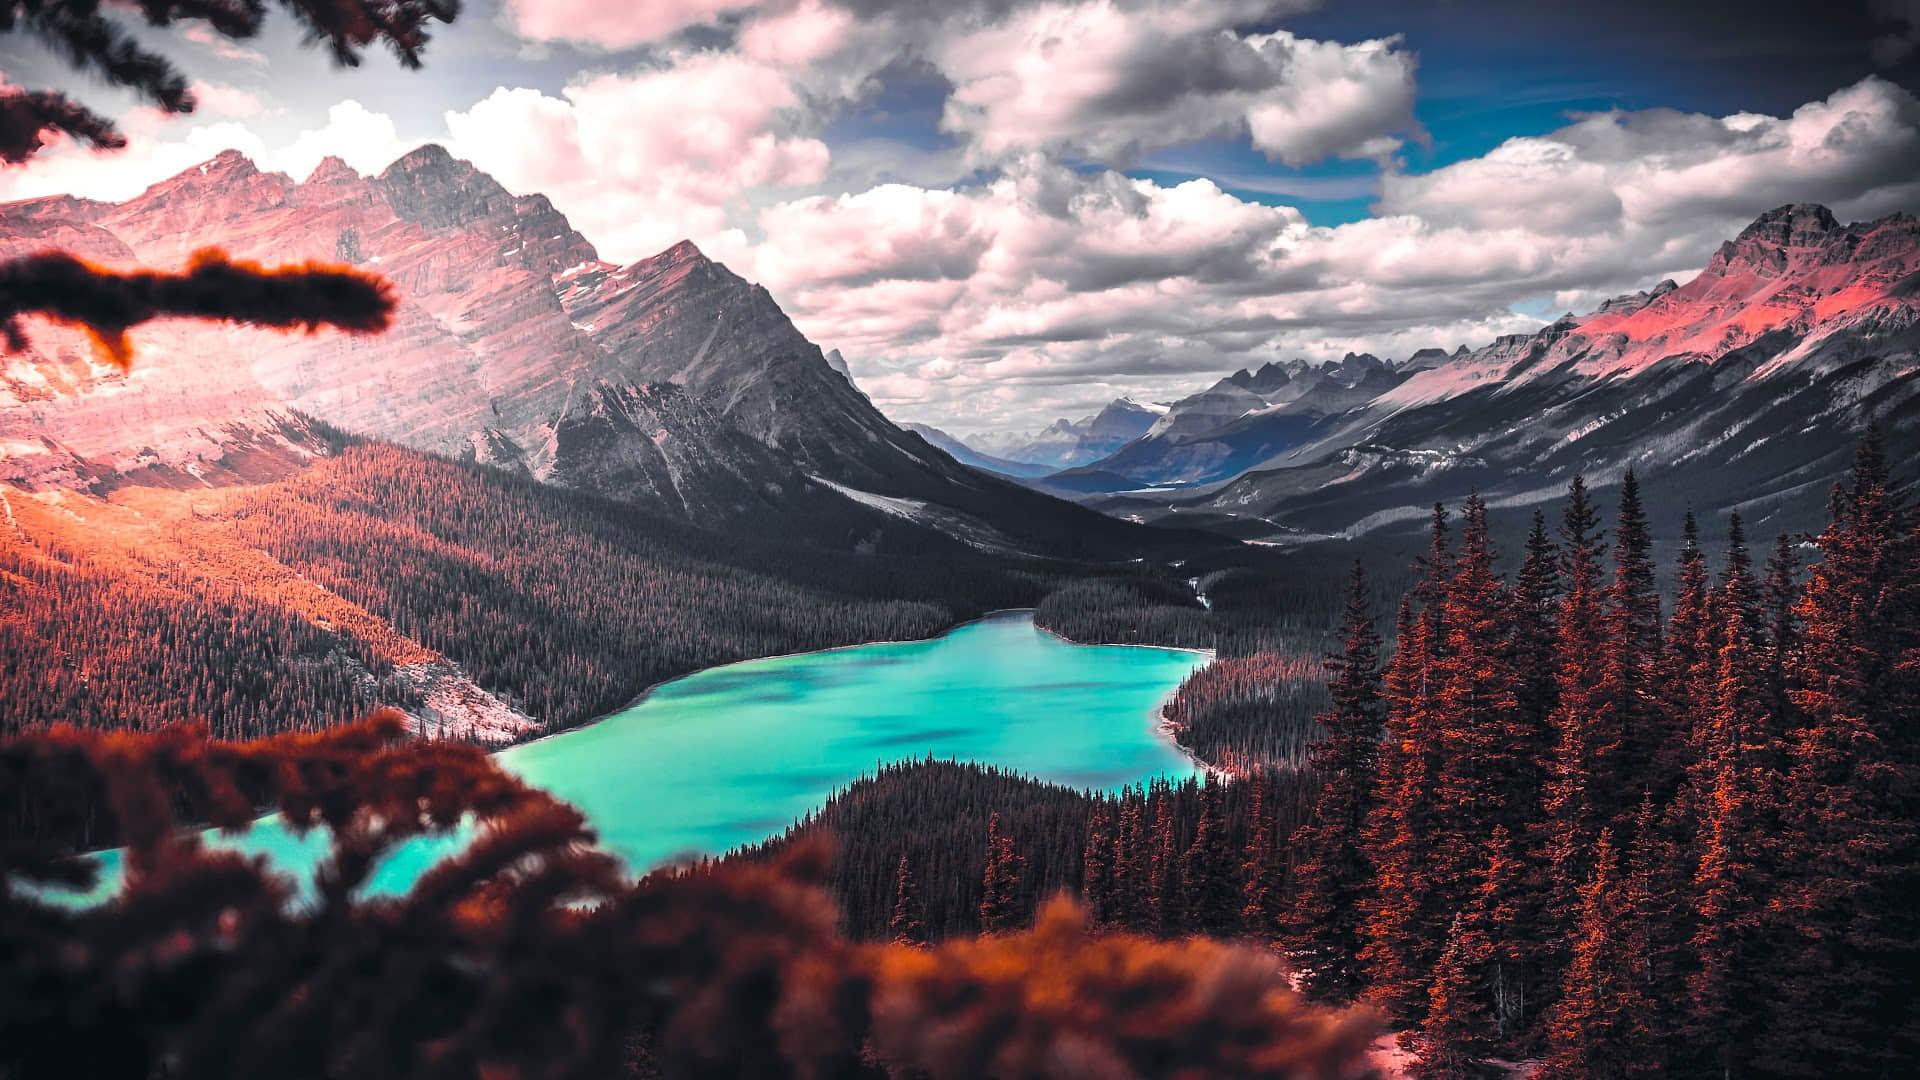 山浪峰涛,层层叠叠,幽幽深谷静谧安宁,红色树林超清桌面壁纸图片